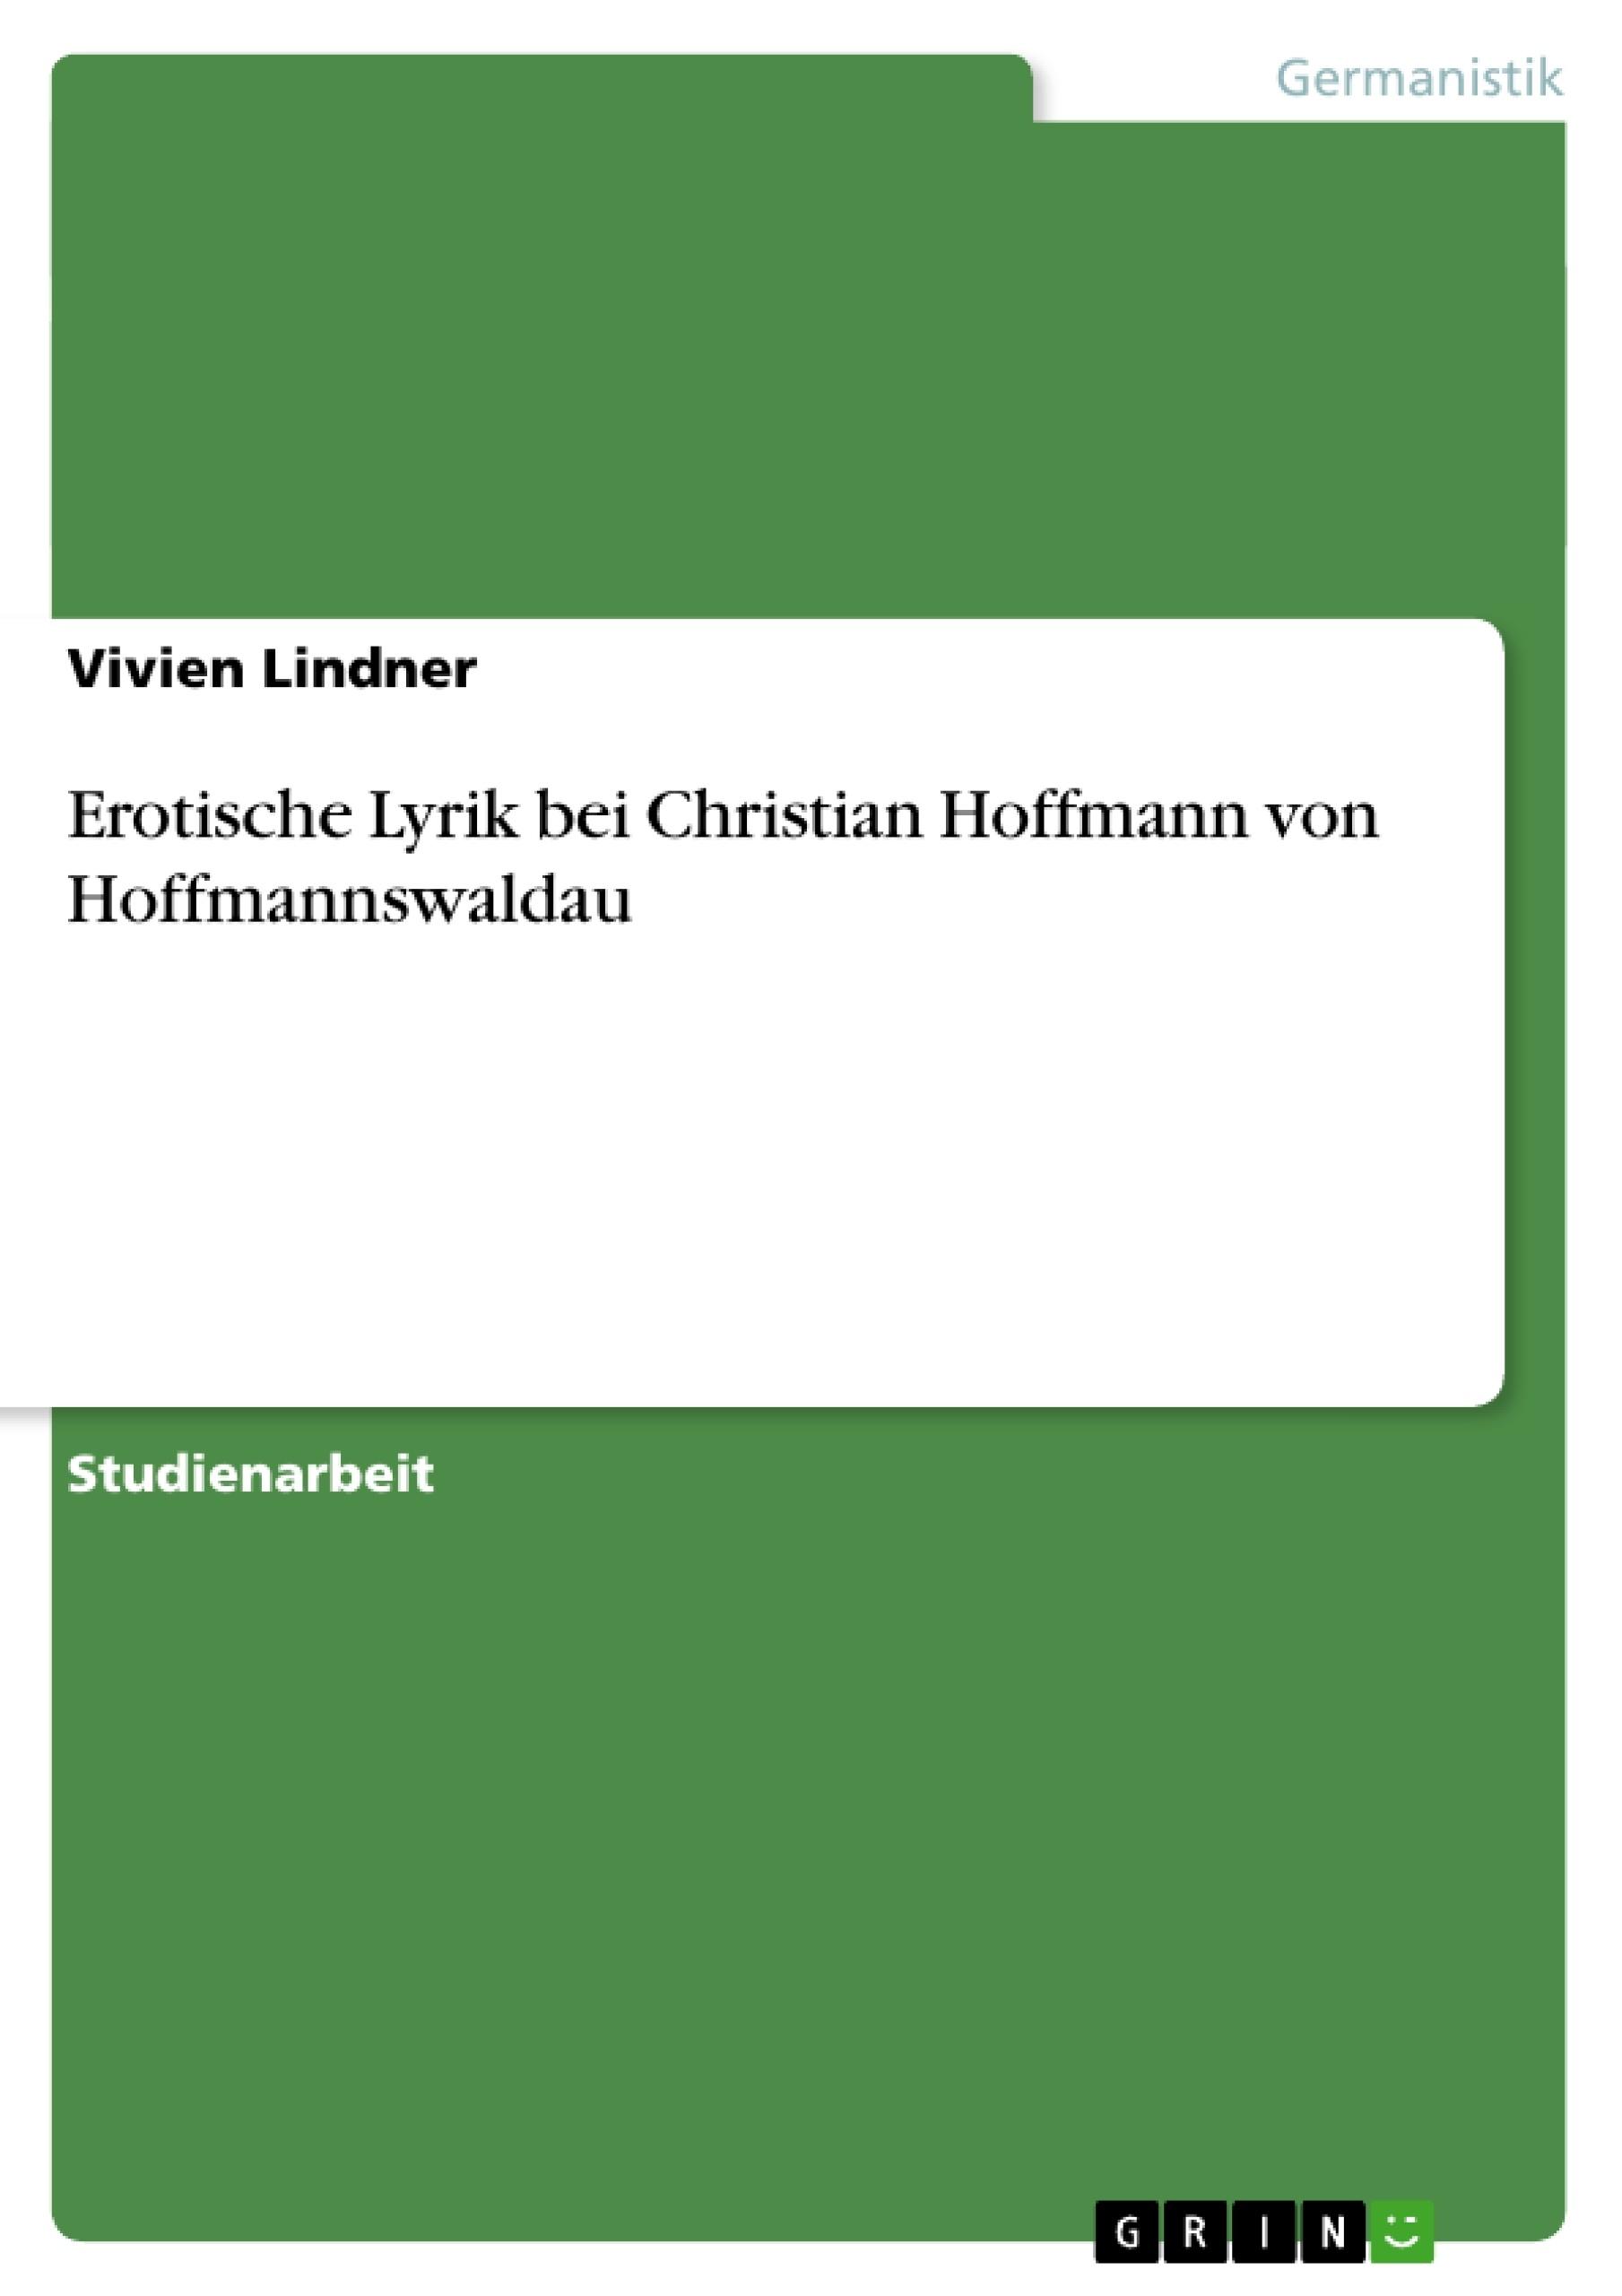 Titel: Erotische Lyrik bei Christian Hoffmann von Hoffmannswaldau